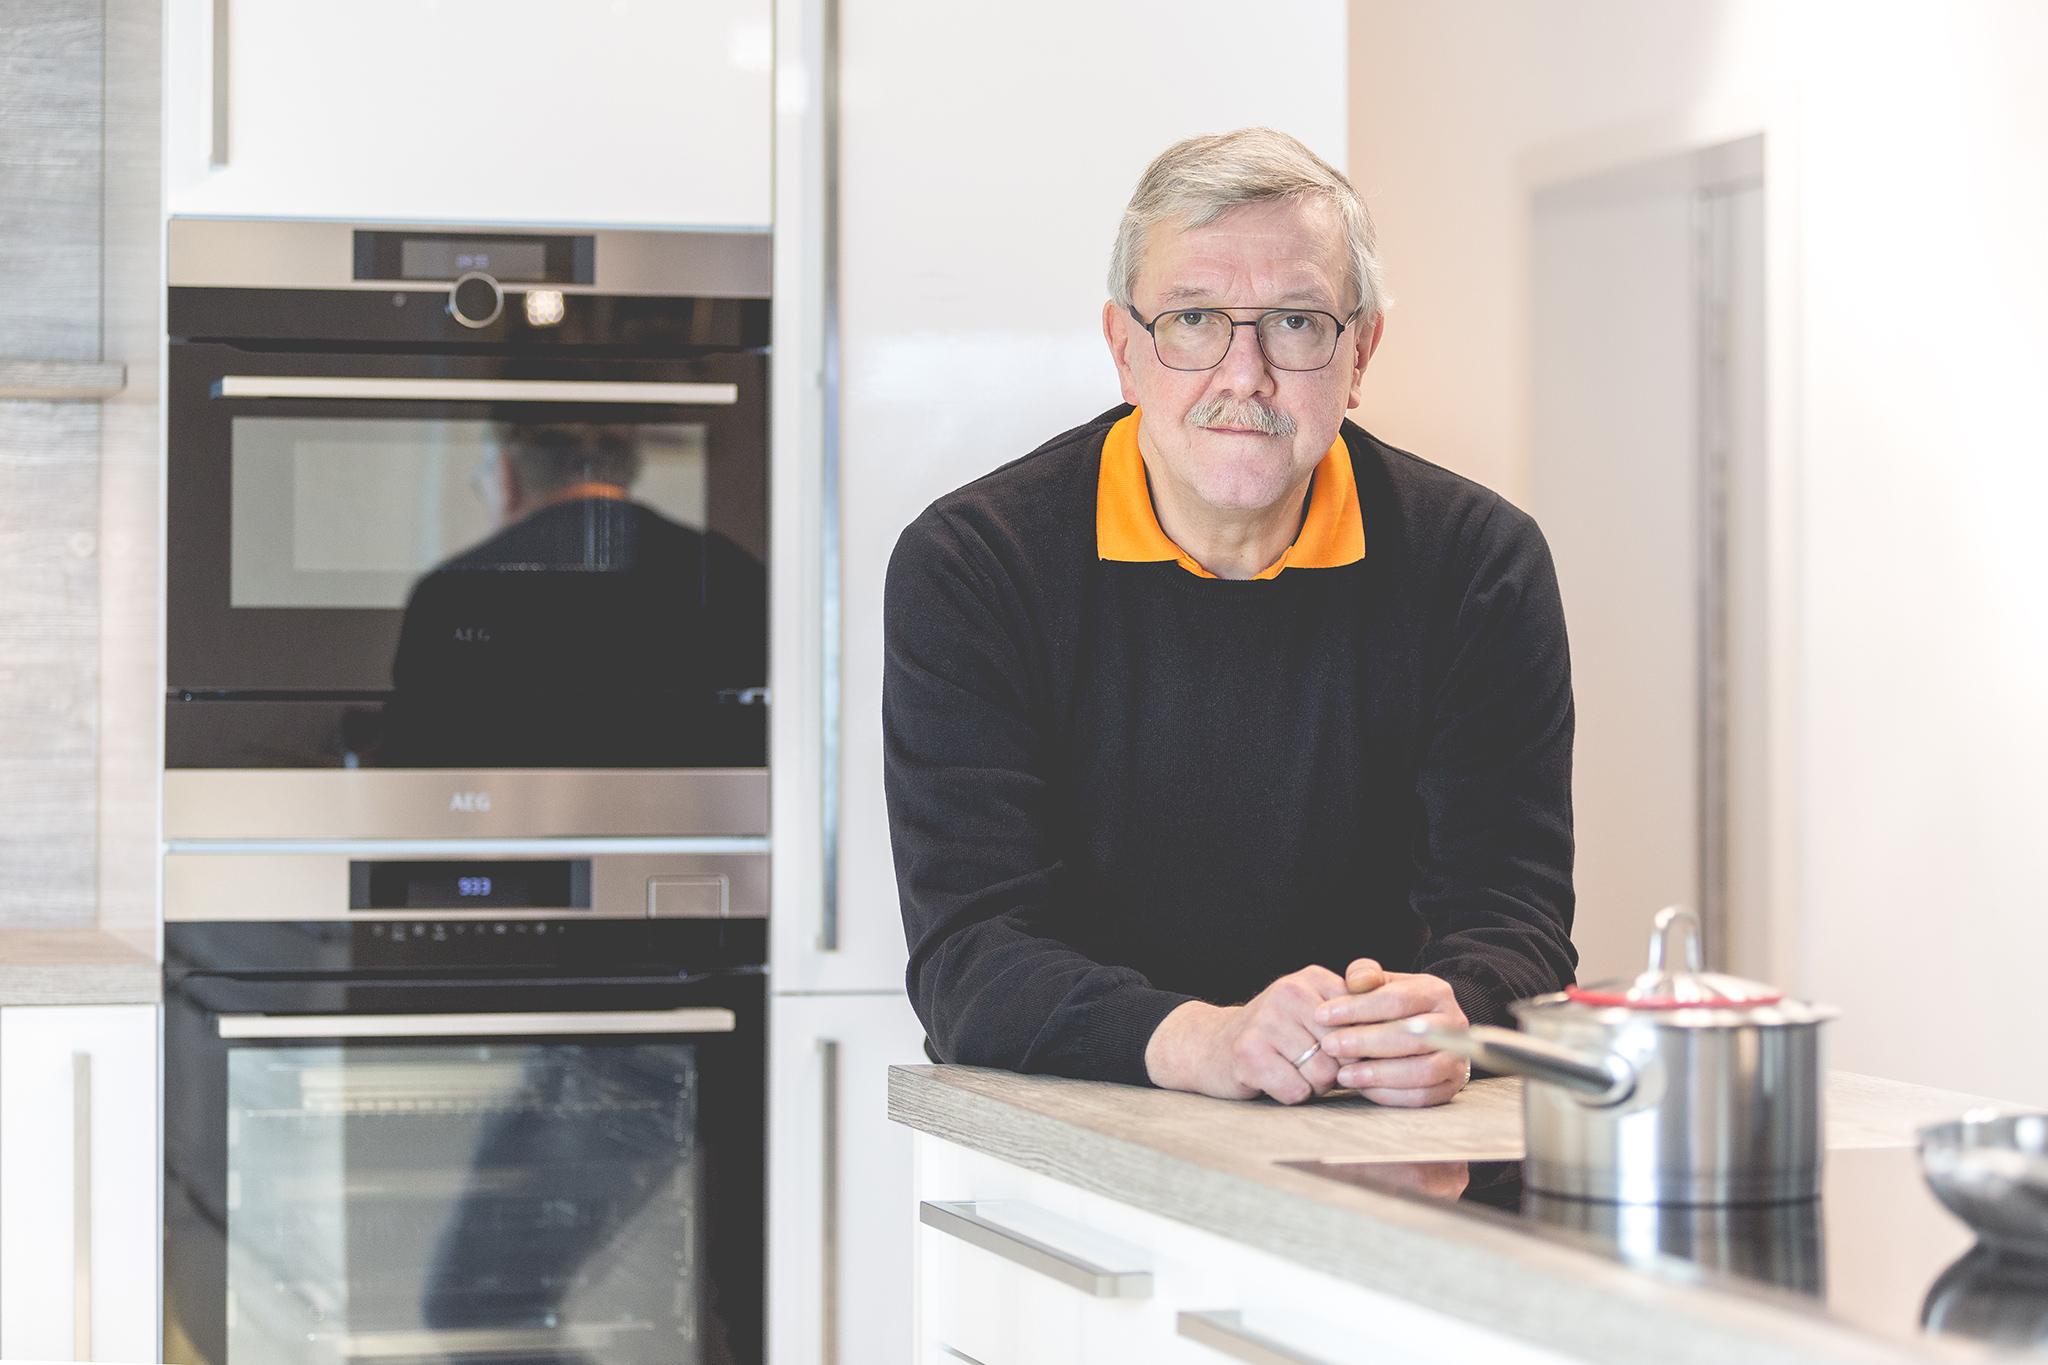 Wilfried Kunze, Küchenpraxis Kelkheim © Johannes Willwacher (www.johannes-willwacher.de)